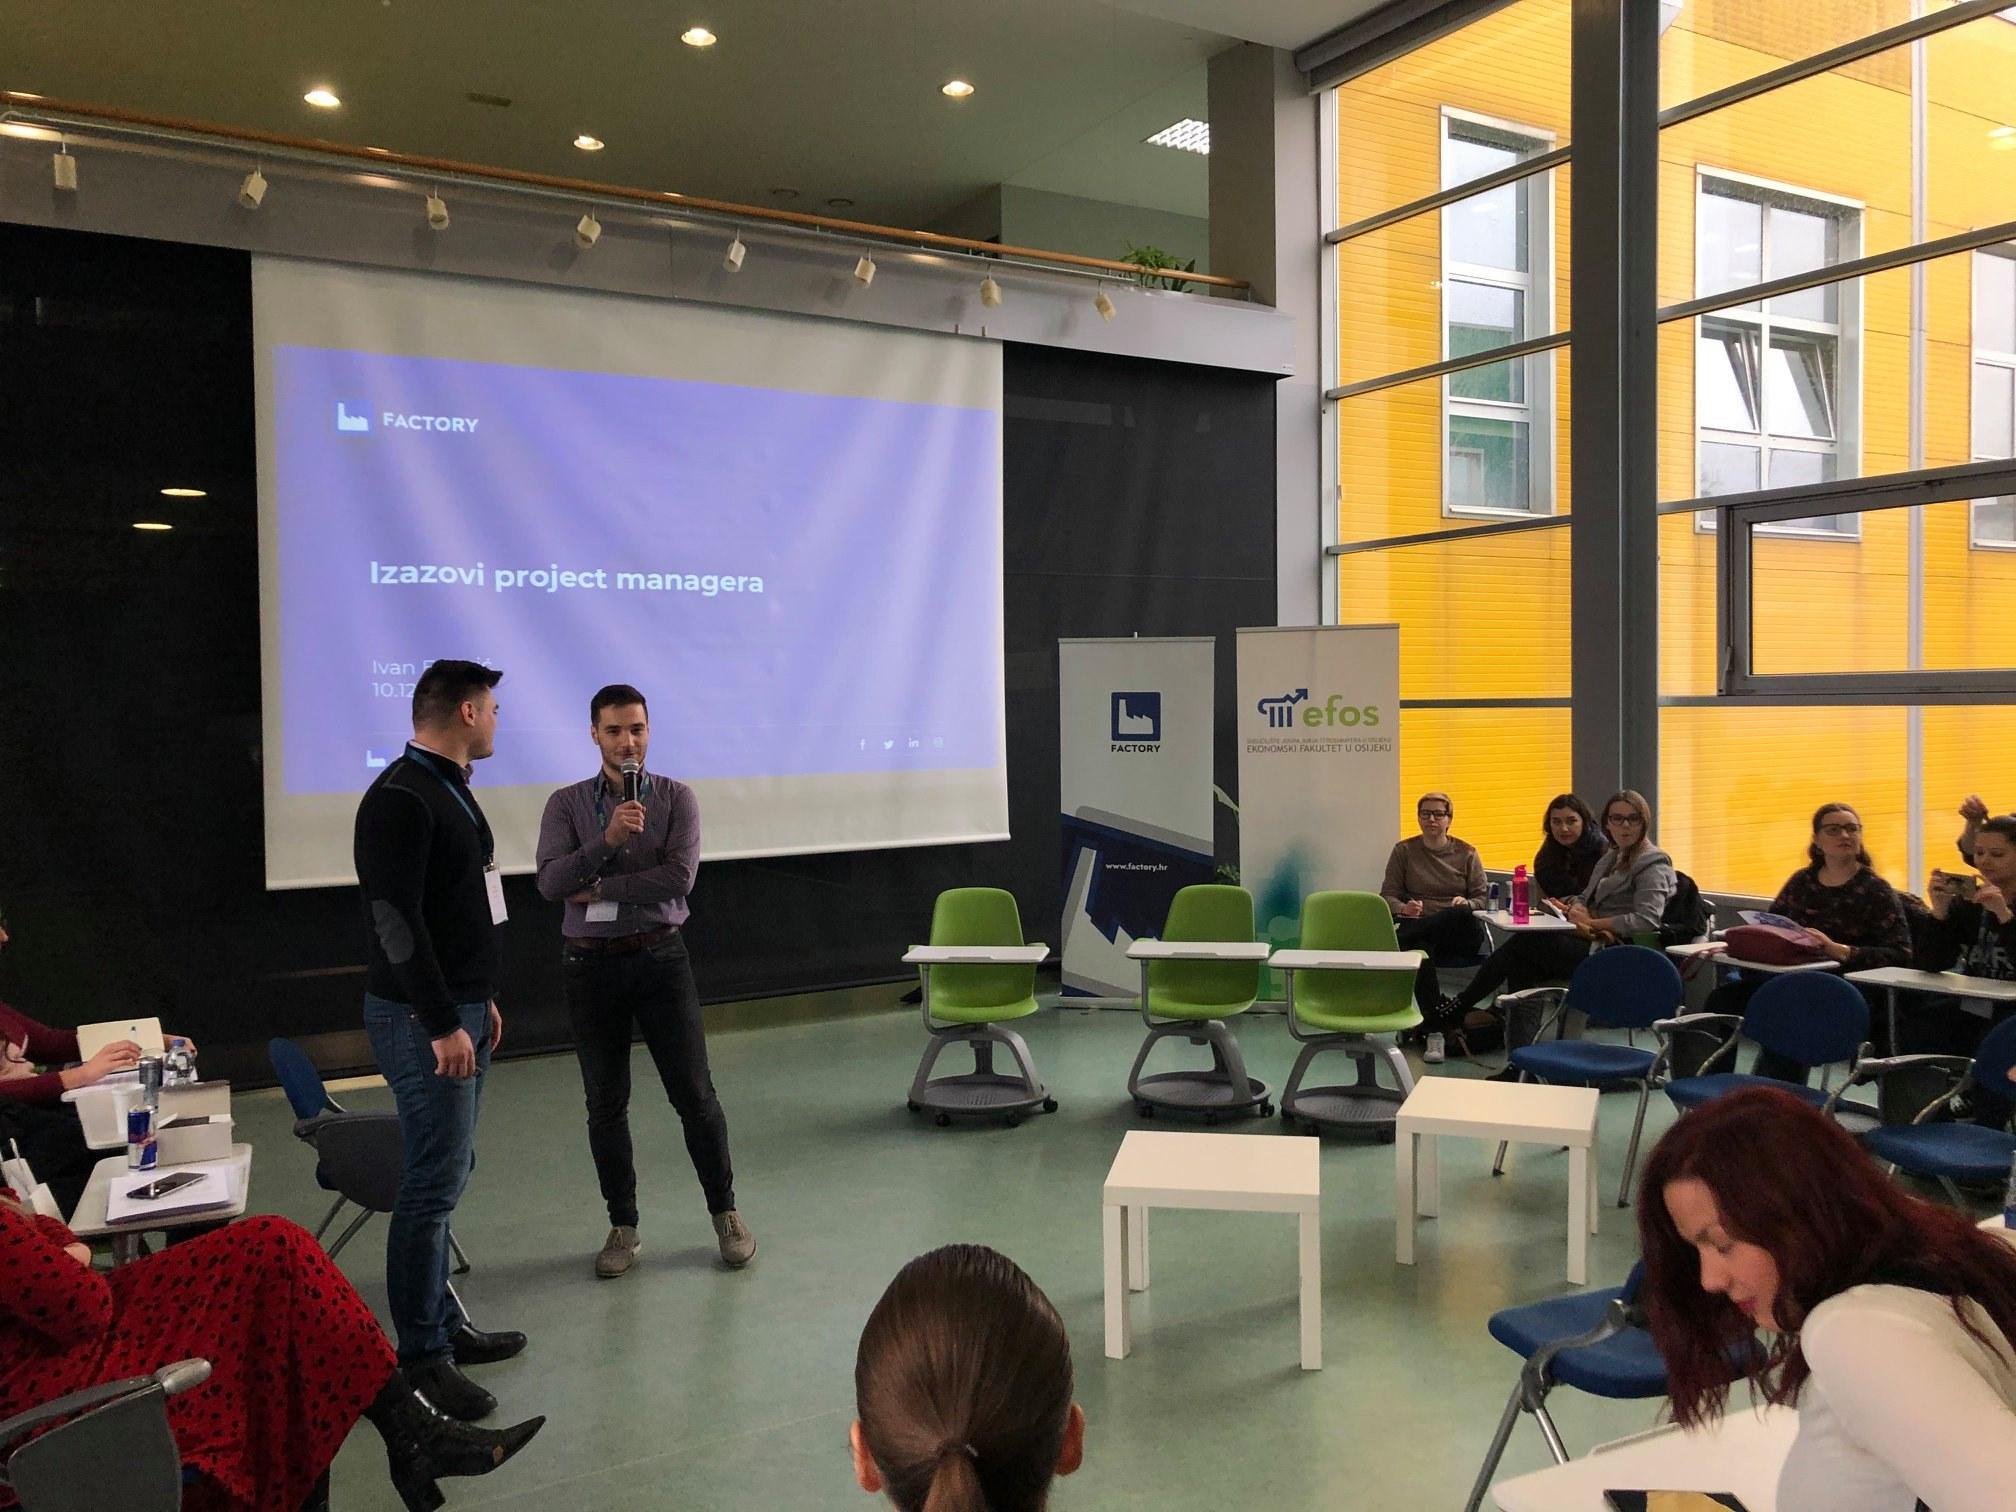 Predavanje Factoryja o project managementu u suradnji s Ekonomskim fakultetom u Osijeku